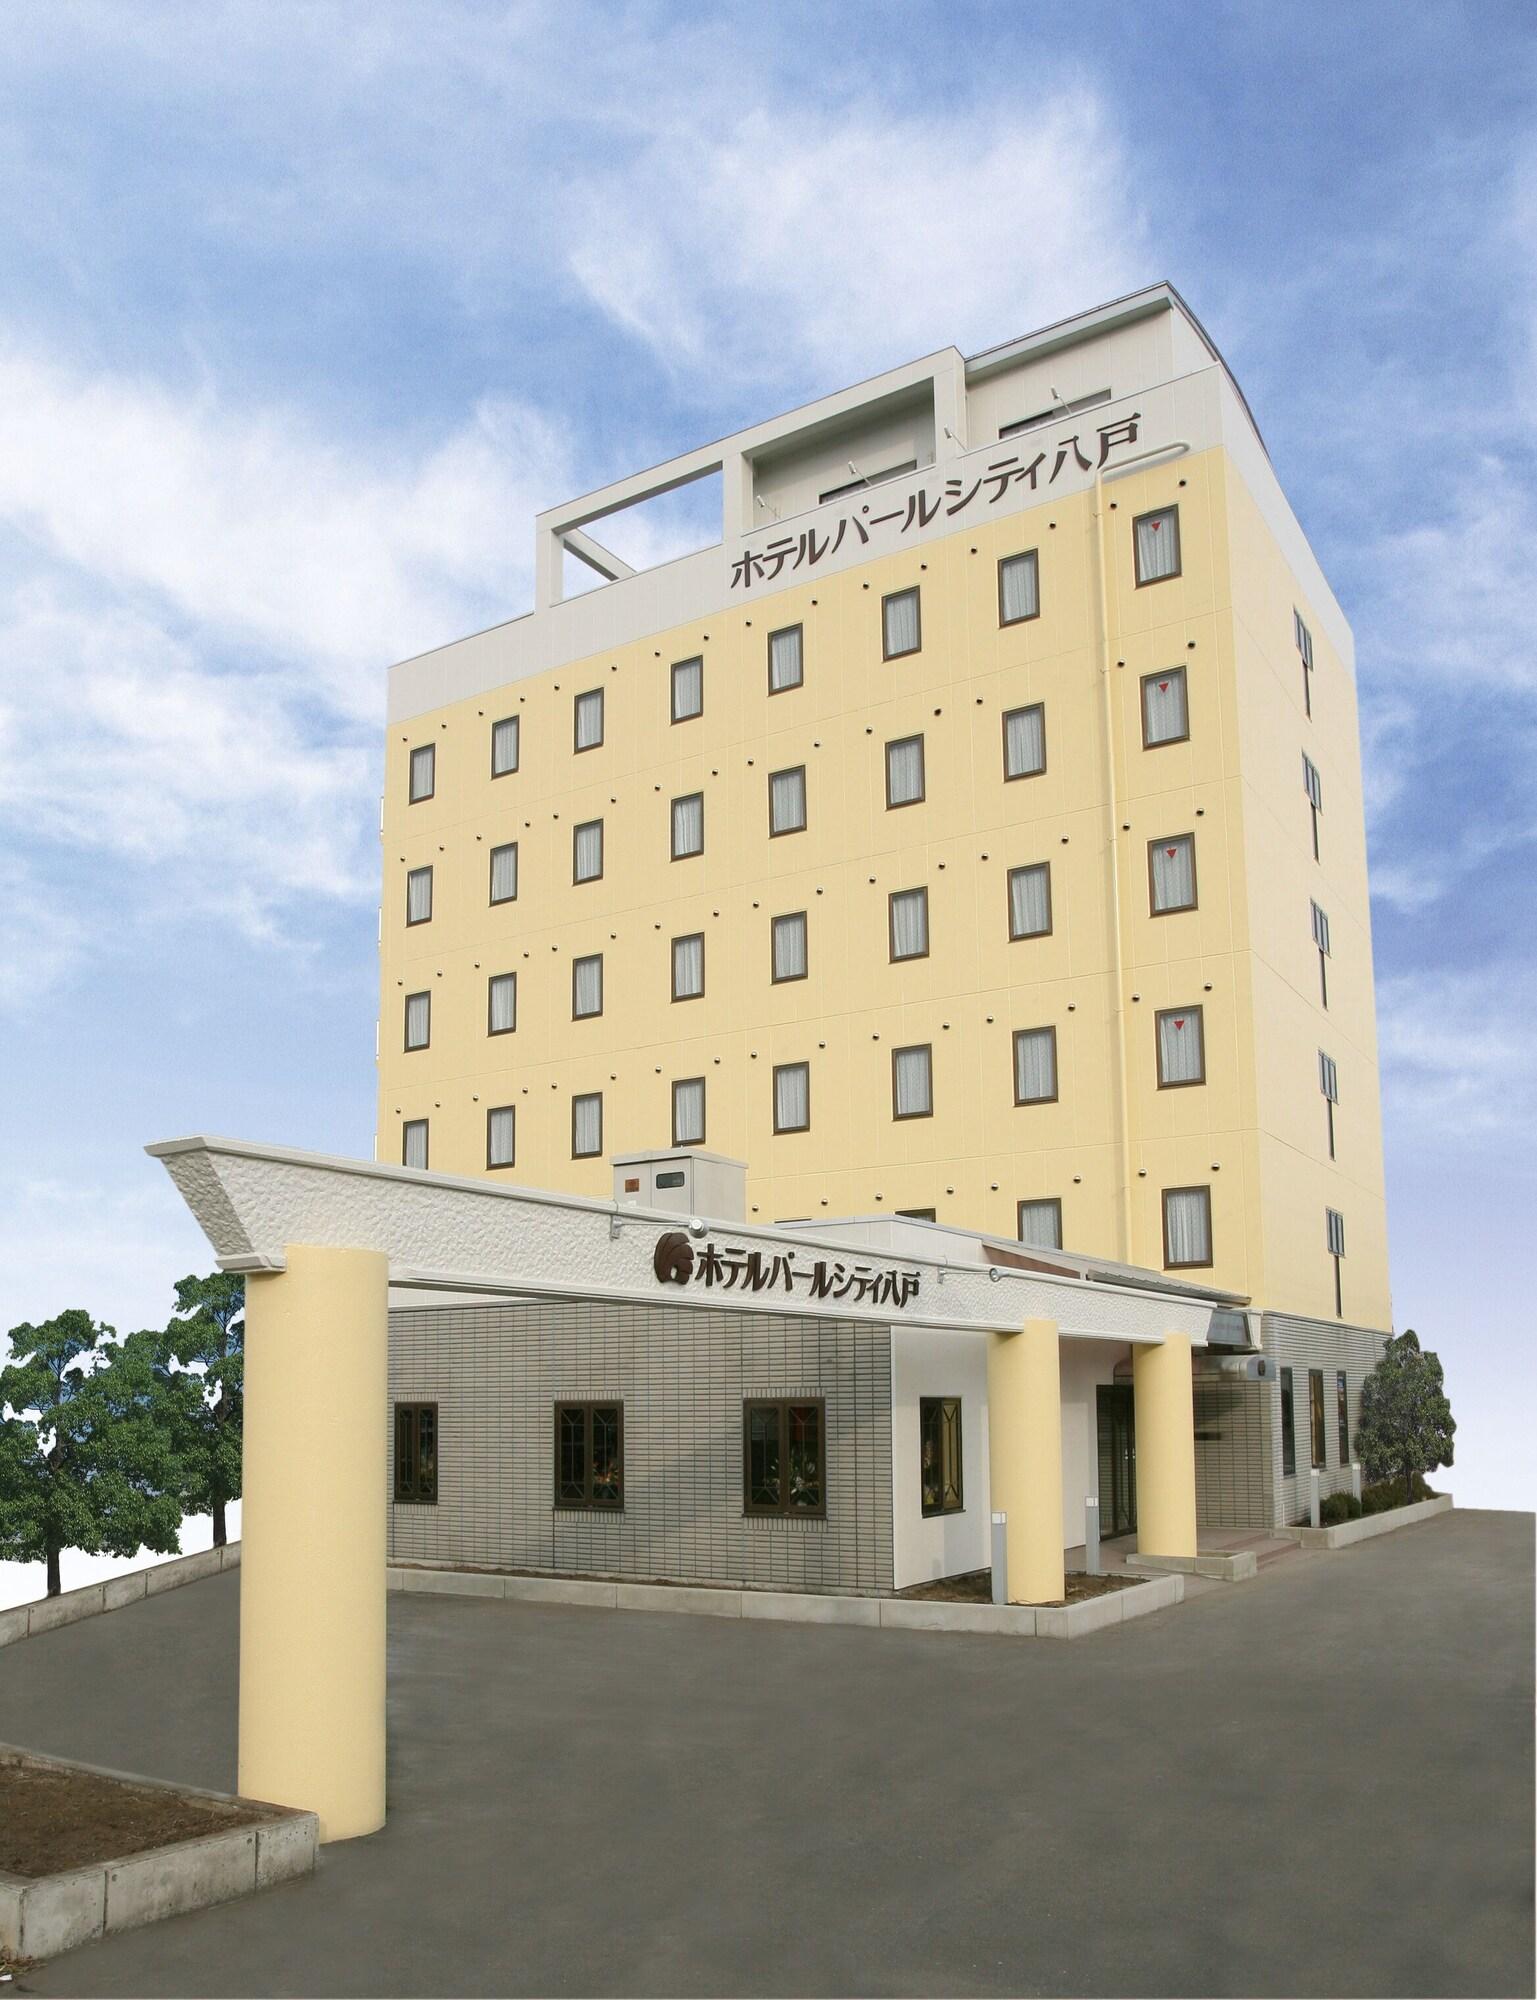 Hotel Pearlcity Hachinohe, Hachinohe